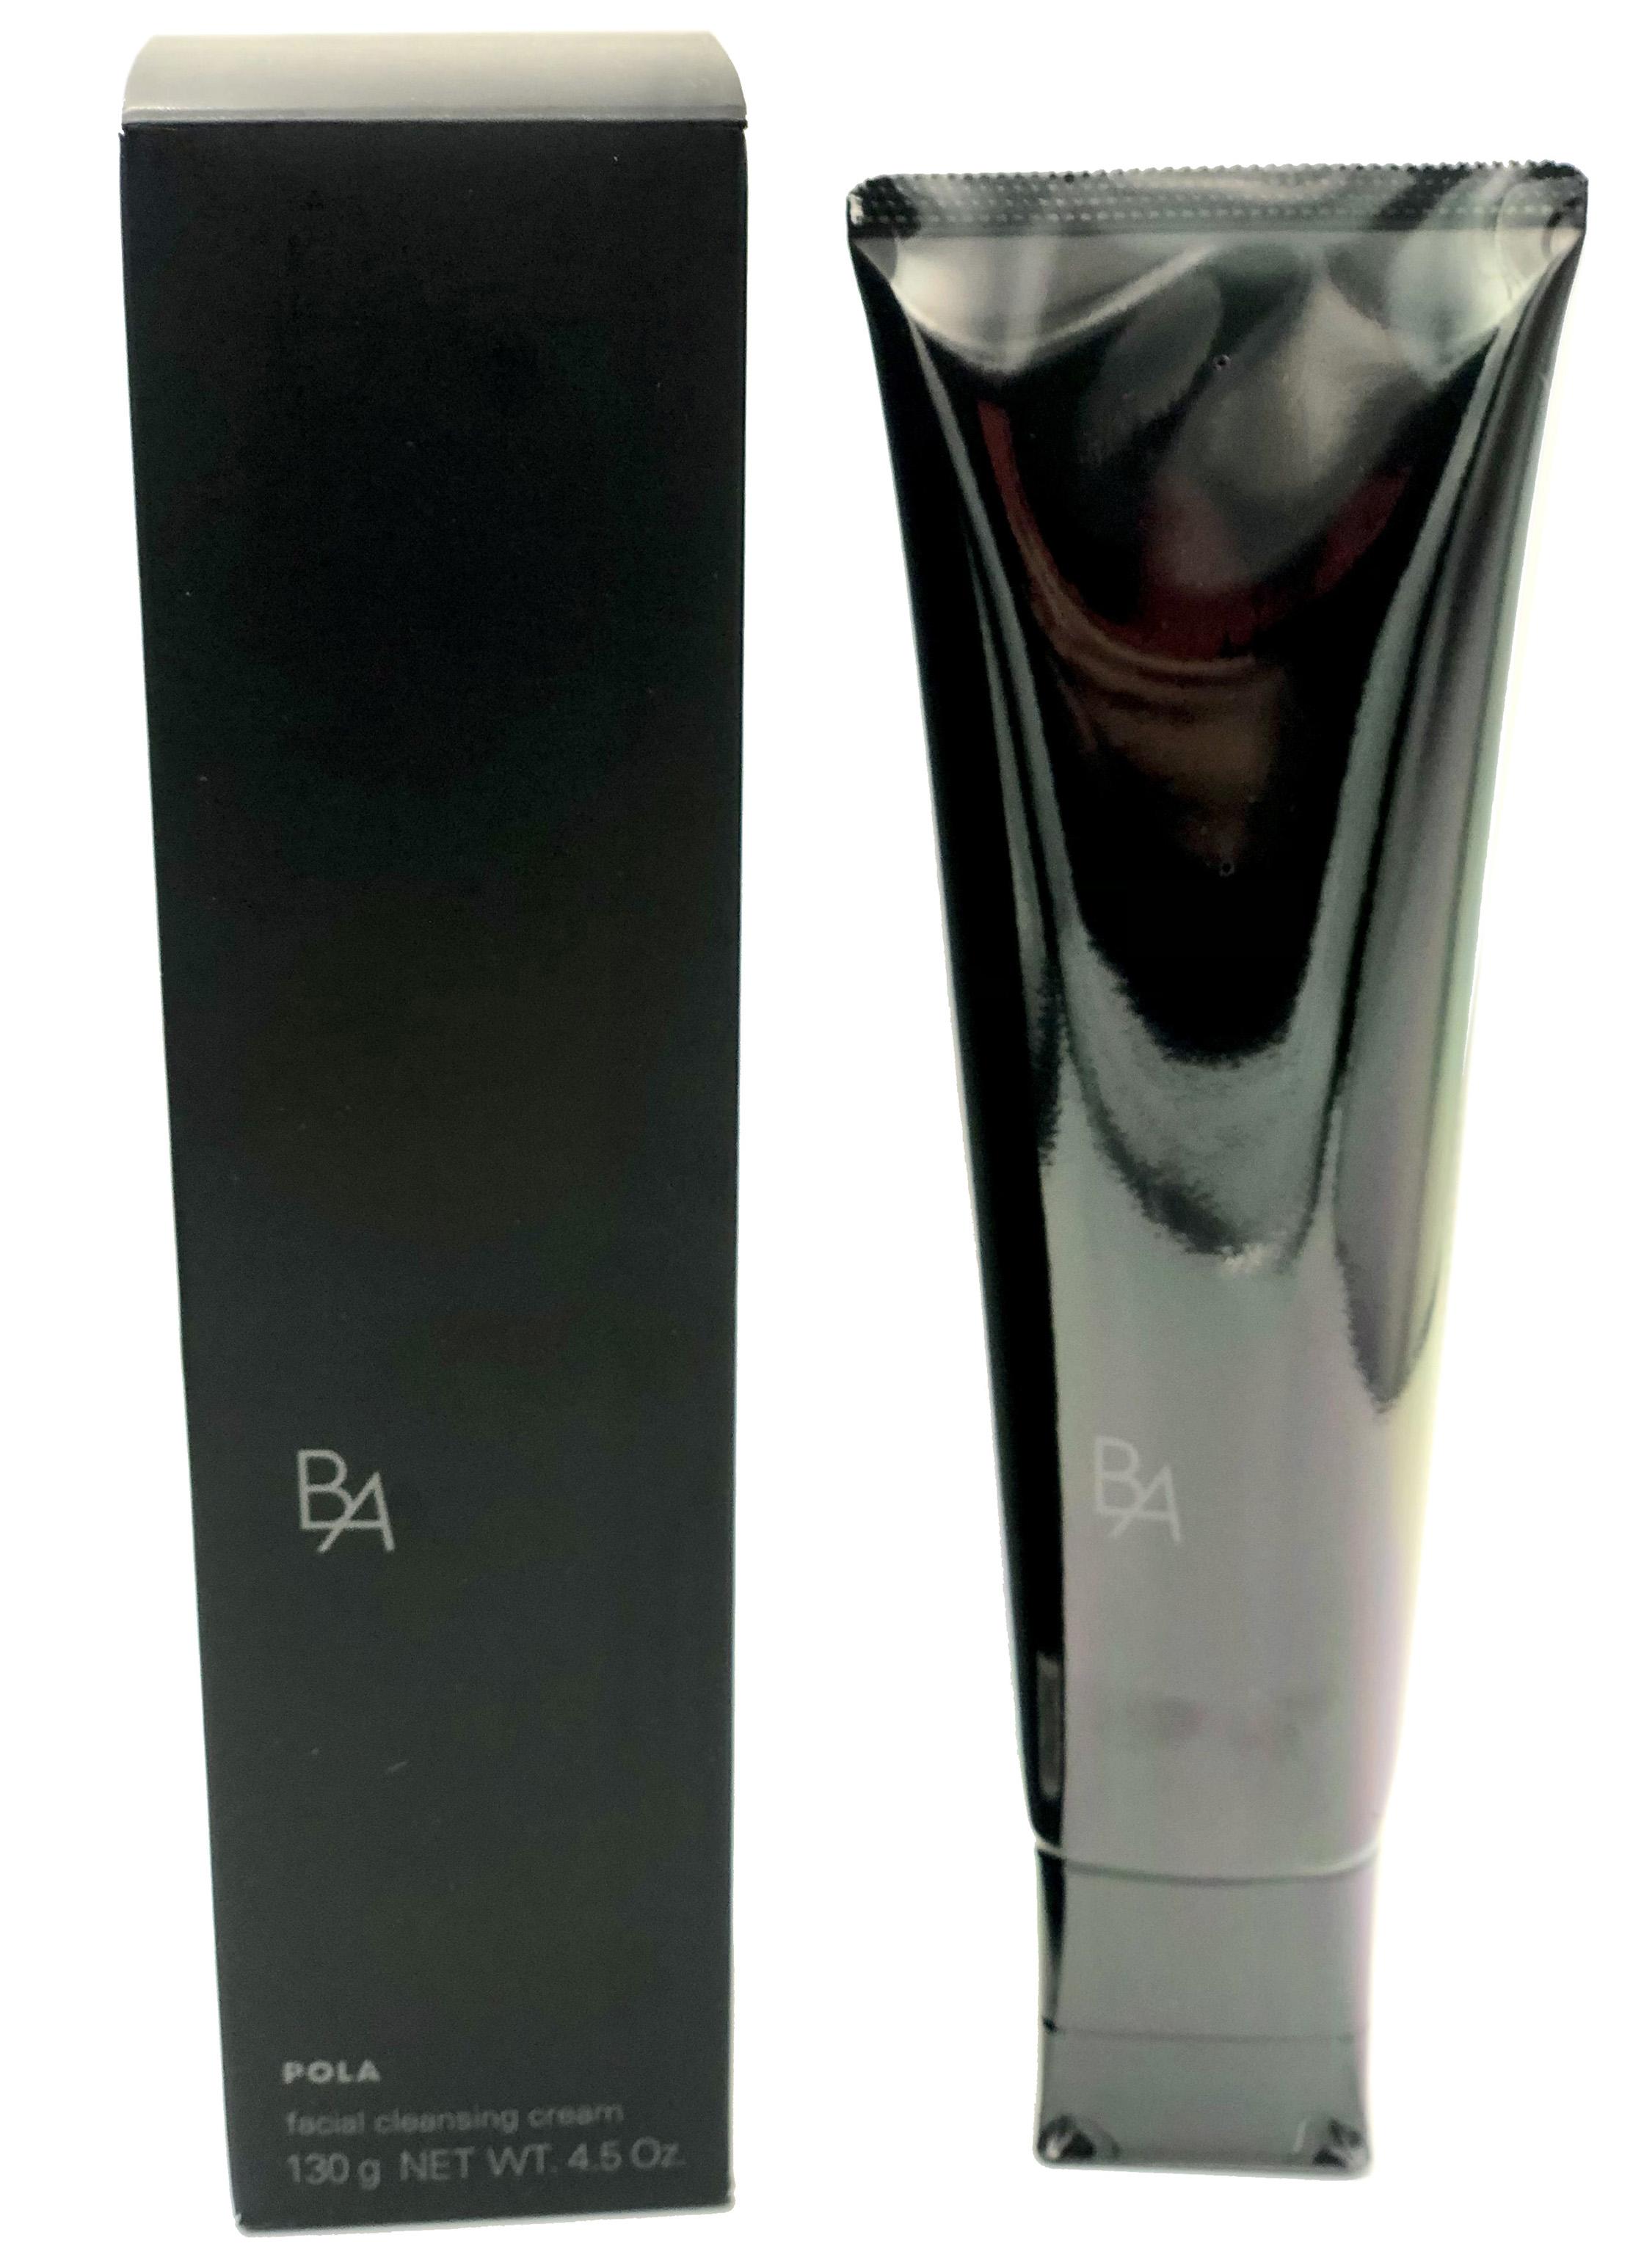 第六世代 ポーラ B.A クレンジングクリーム 130g 国内正規品 スキンケア POLA 保湿 潤い スピード対応 全国送料無料 美容 70%OFFアウトレット